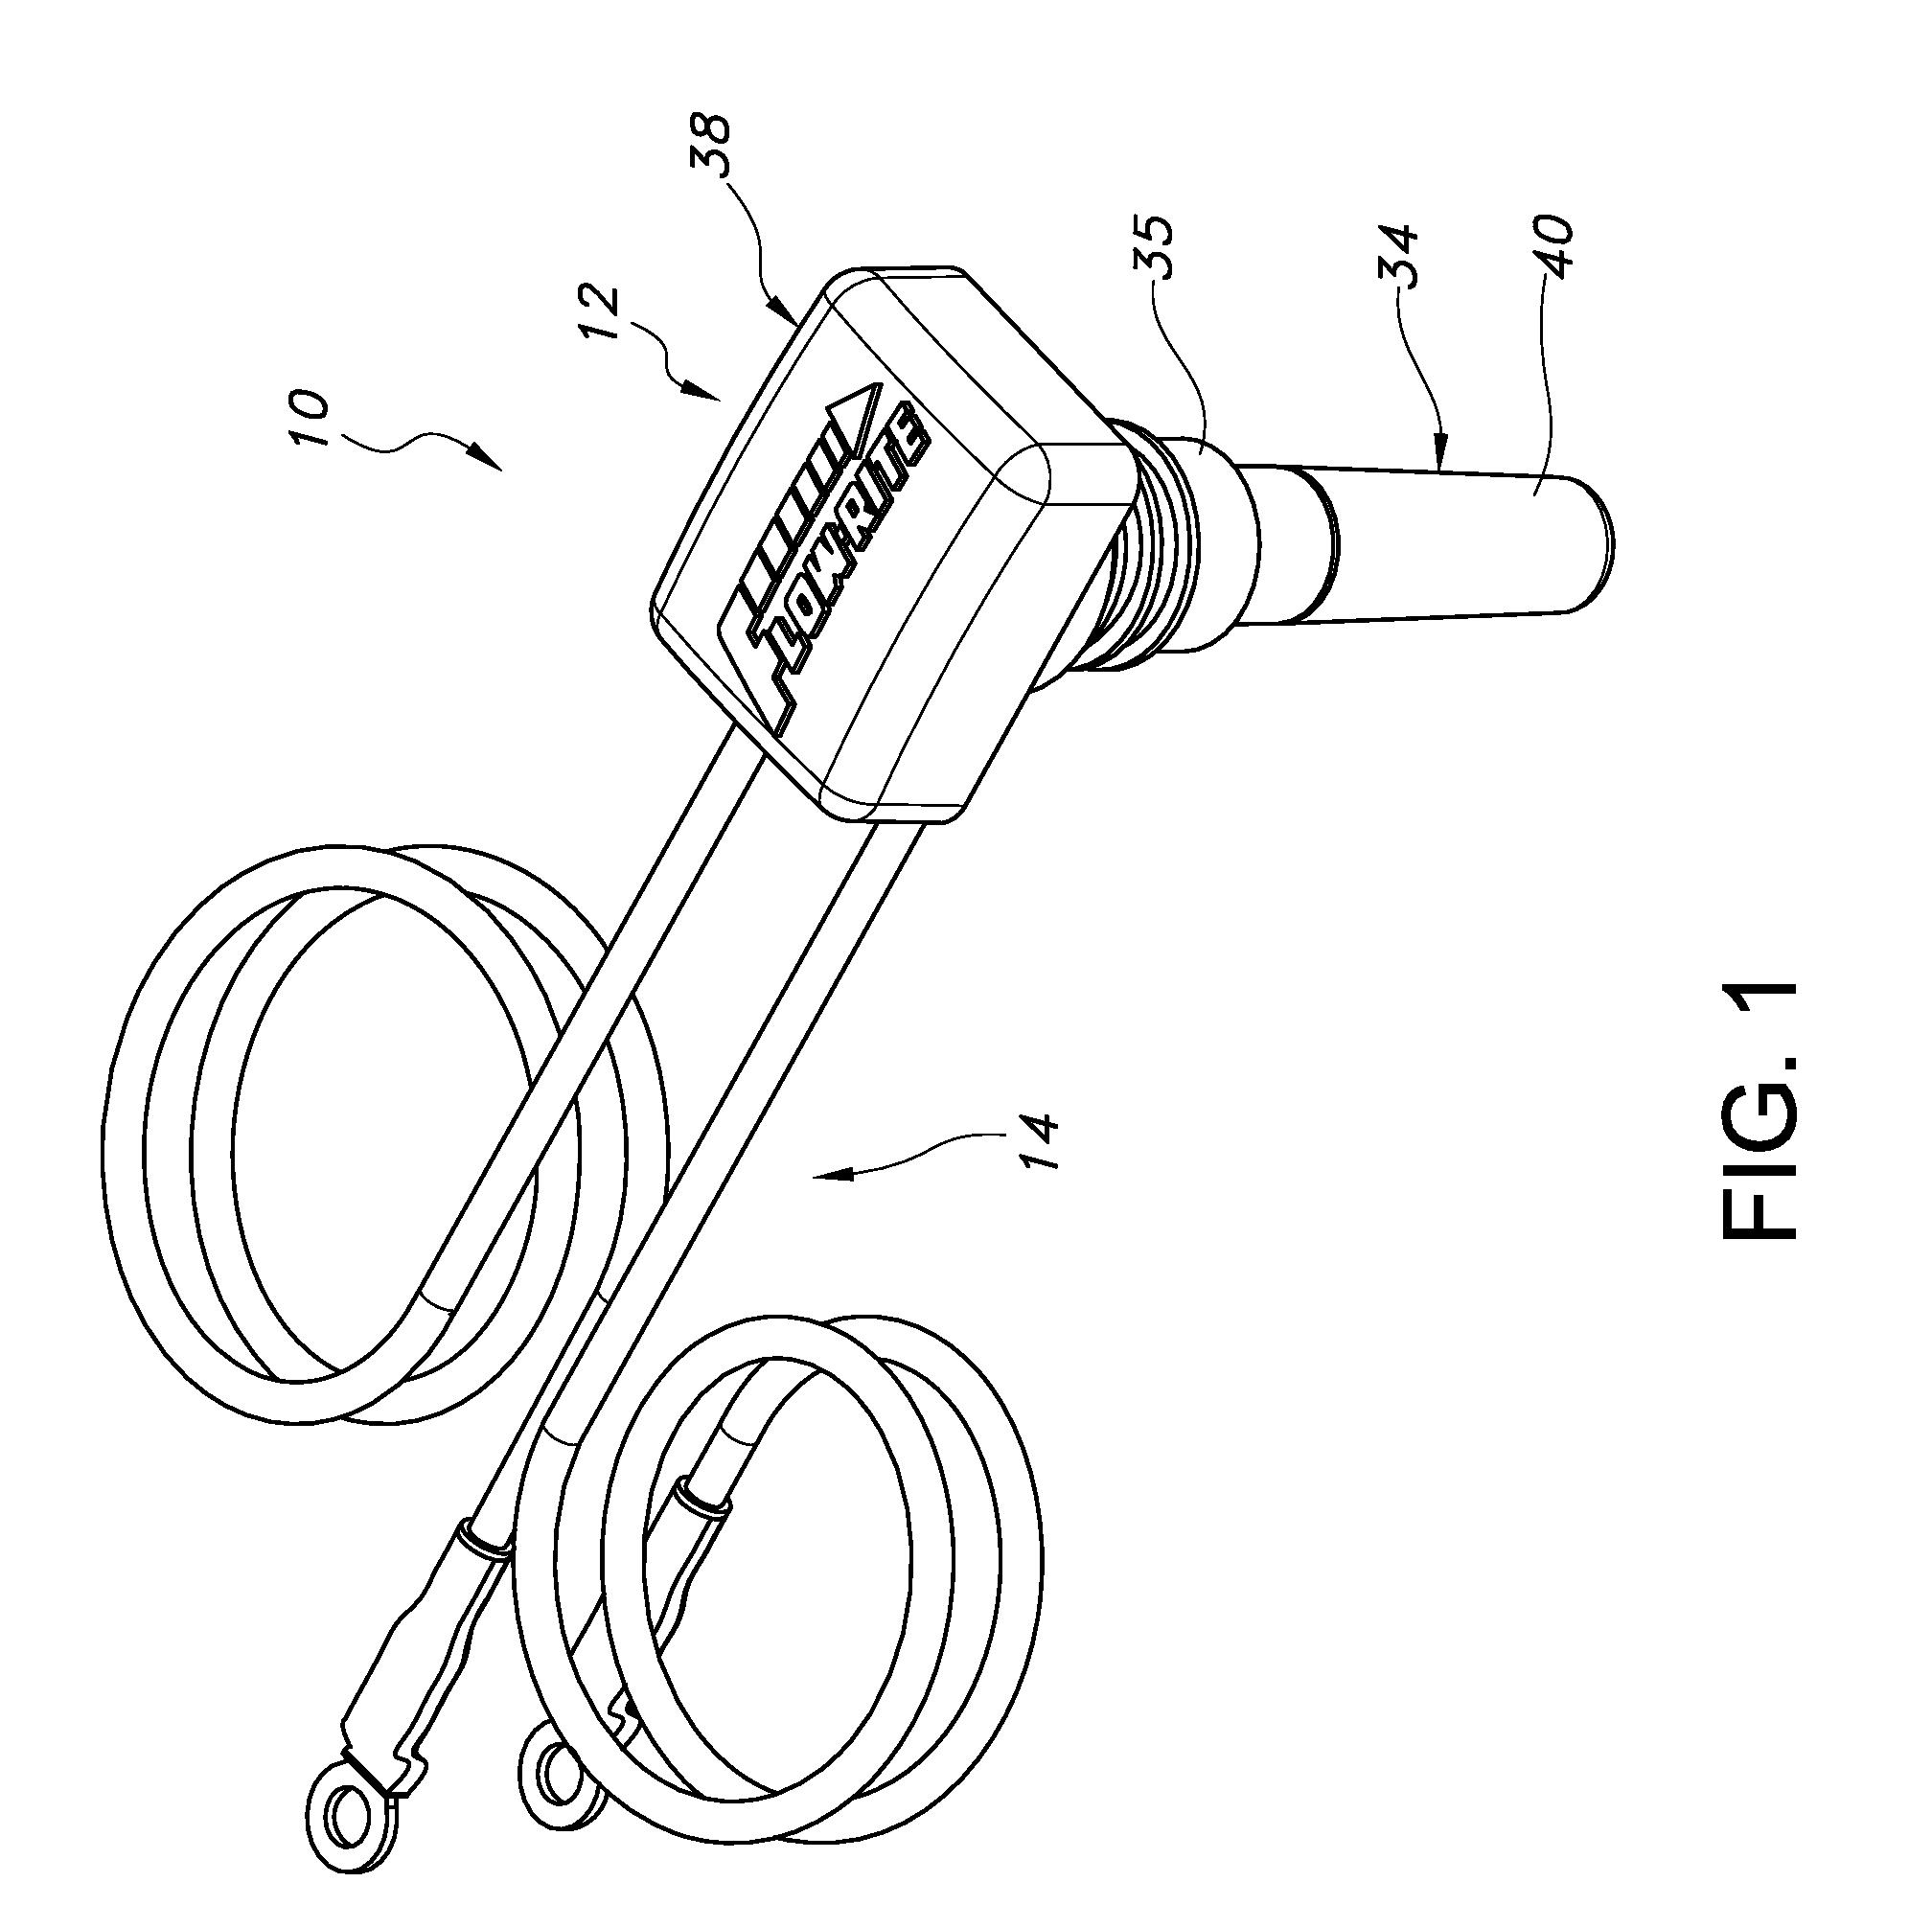 patent us20110128154